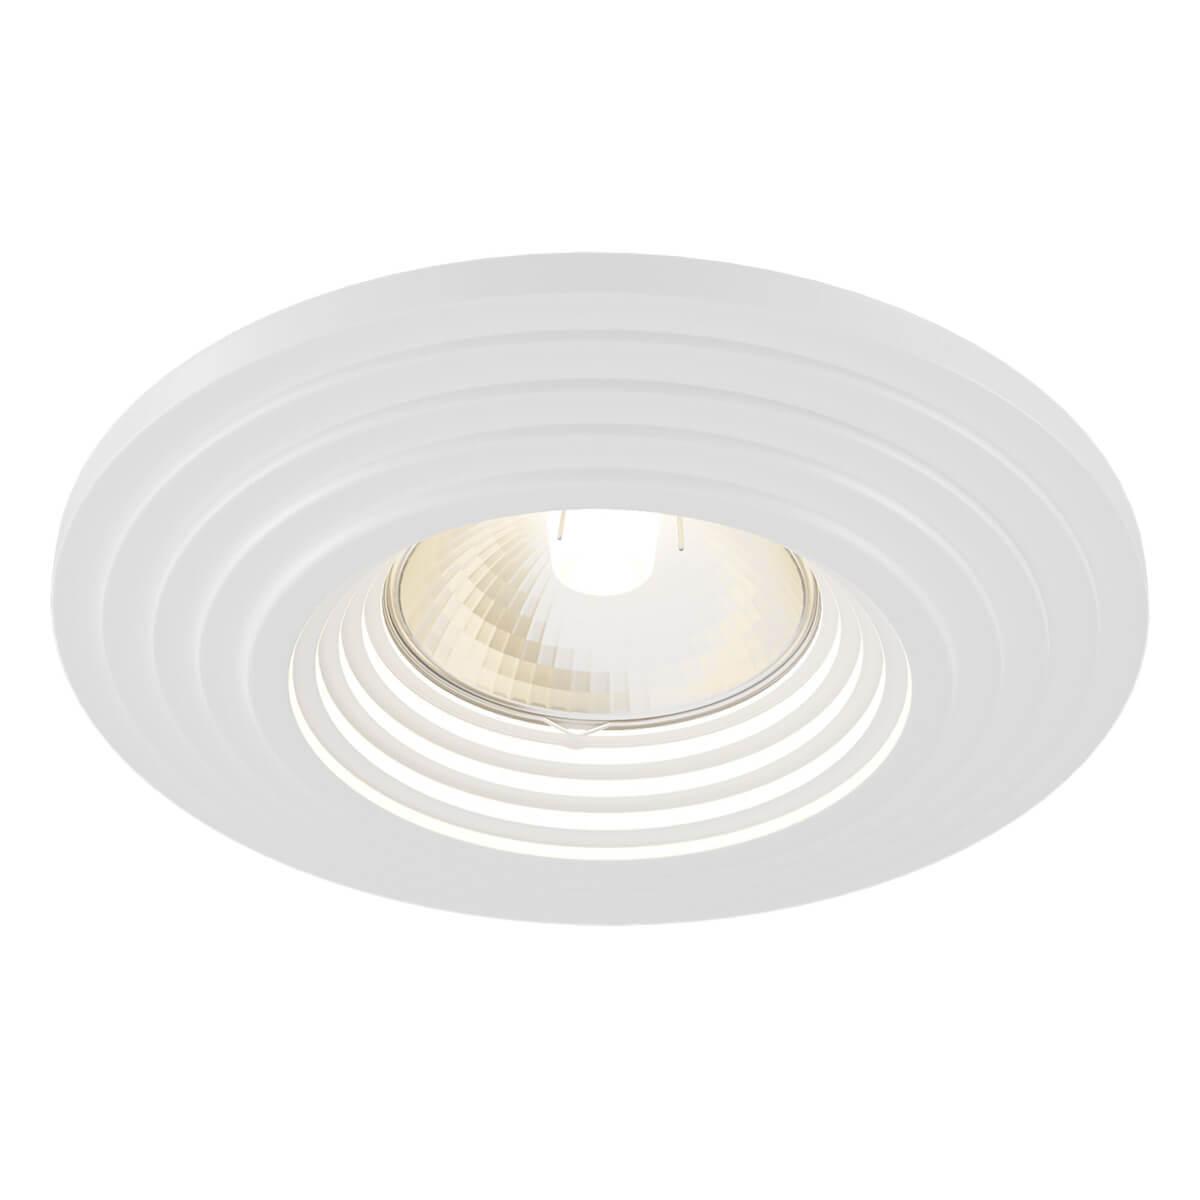 Светильник Maytoni DL004-1-01-W Gyps (Возможна покраска)